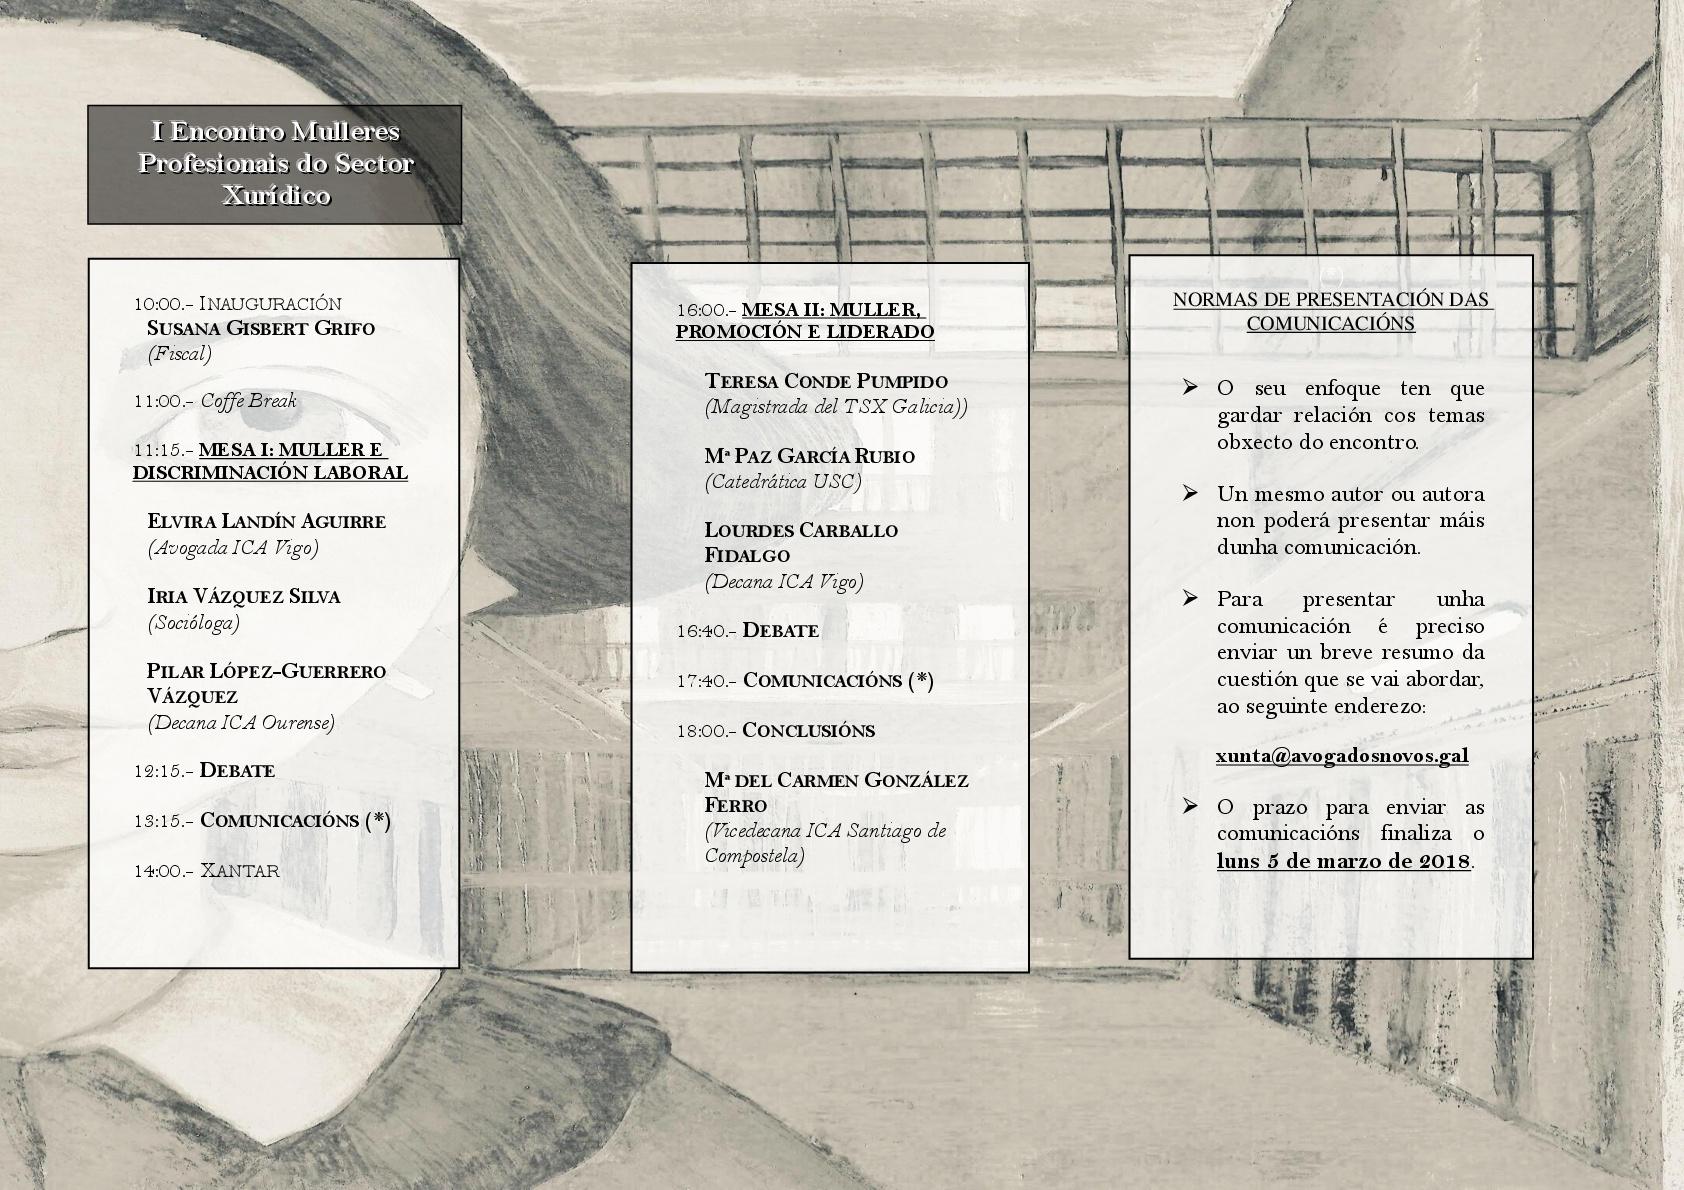 MUJERES Tríptico 2-001